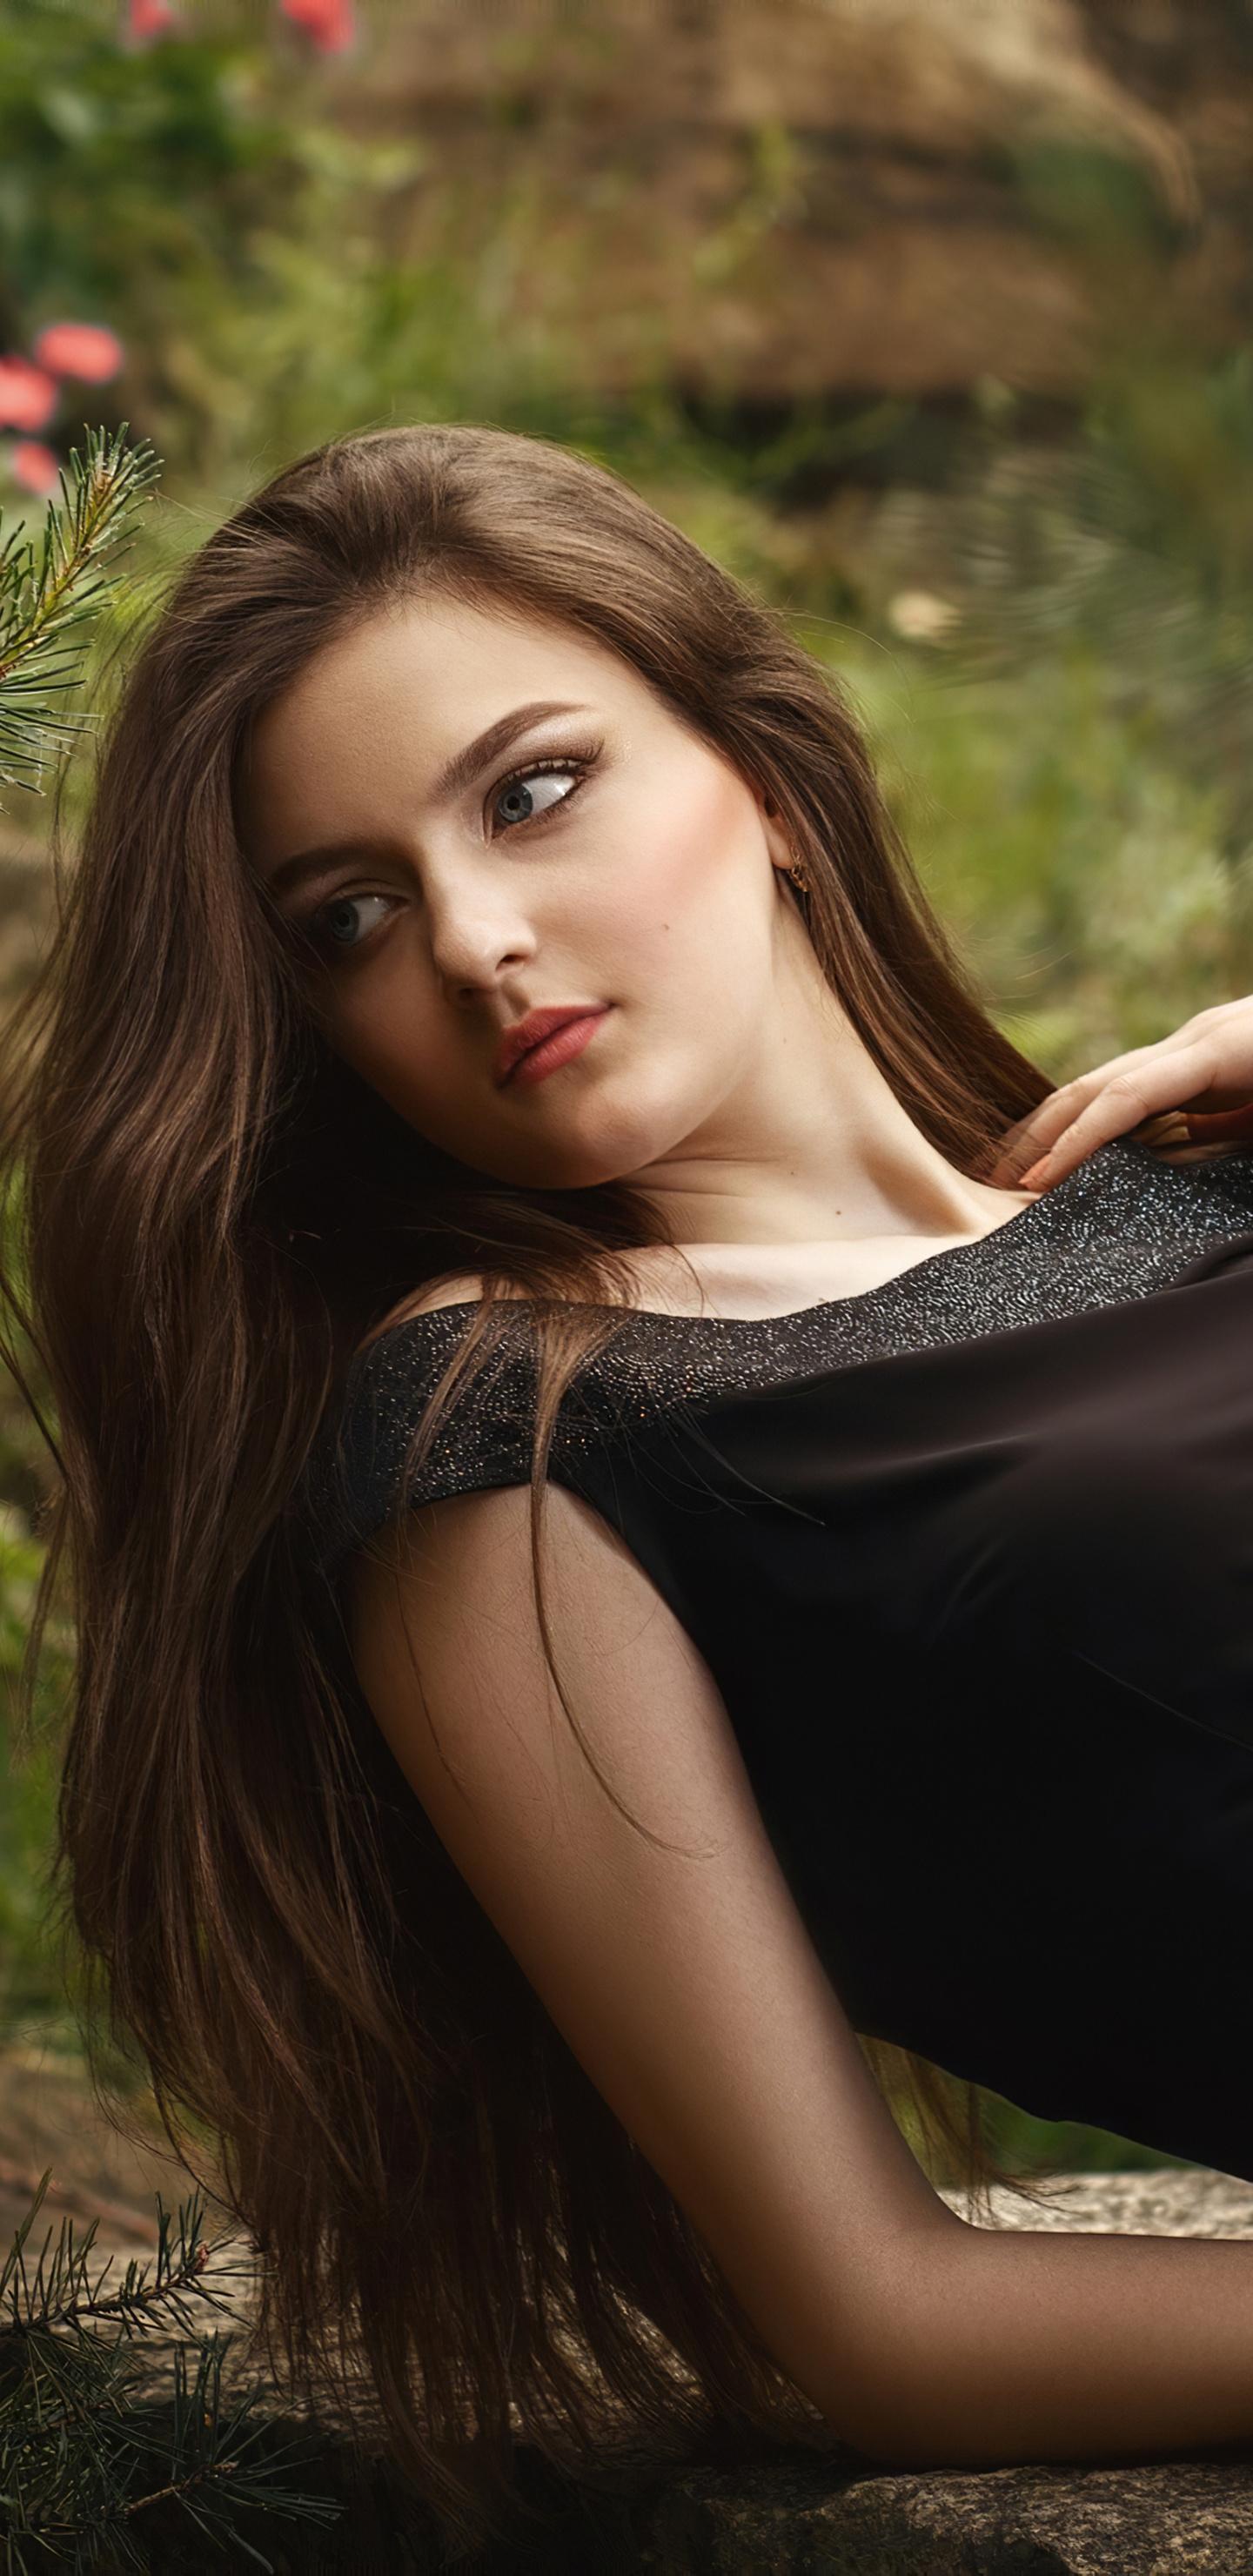 girl-black-dress-4k-op.jpg